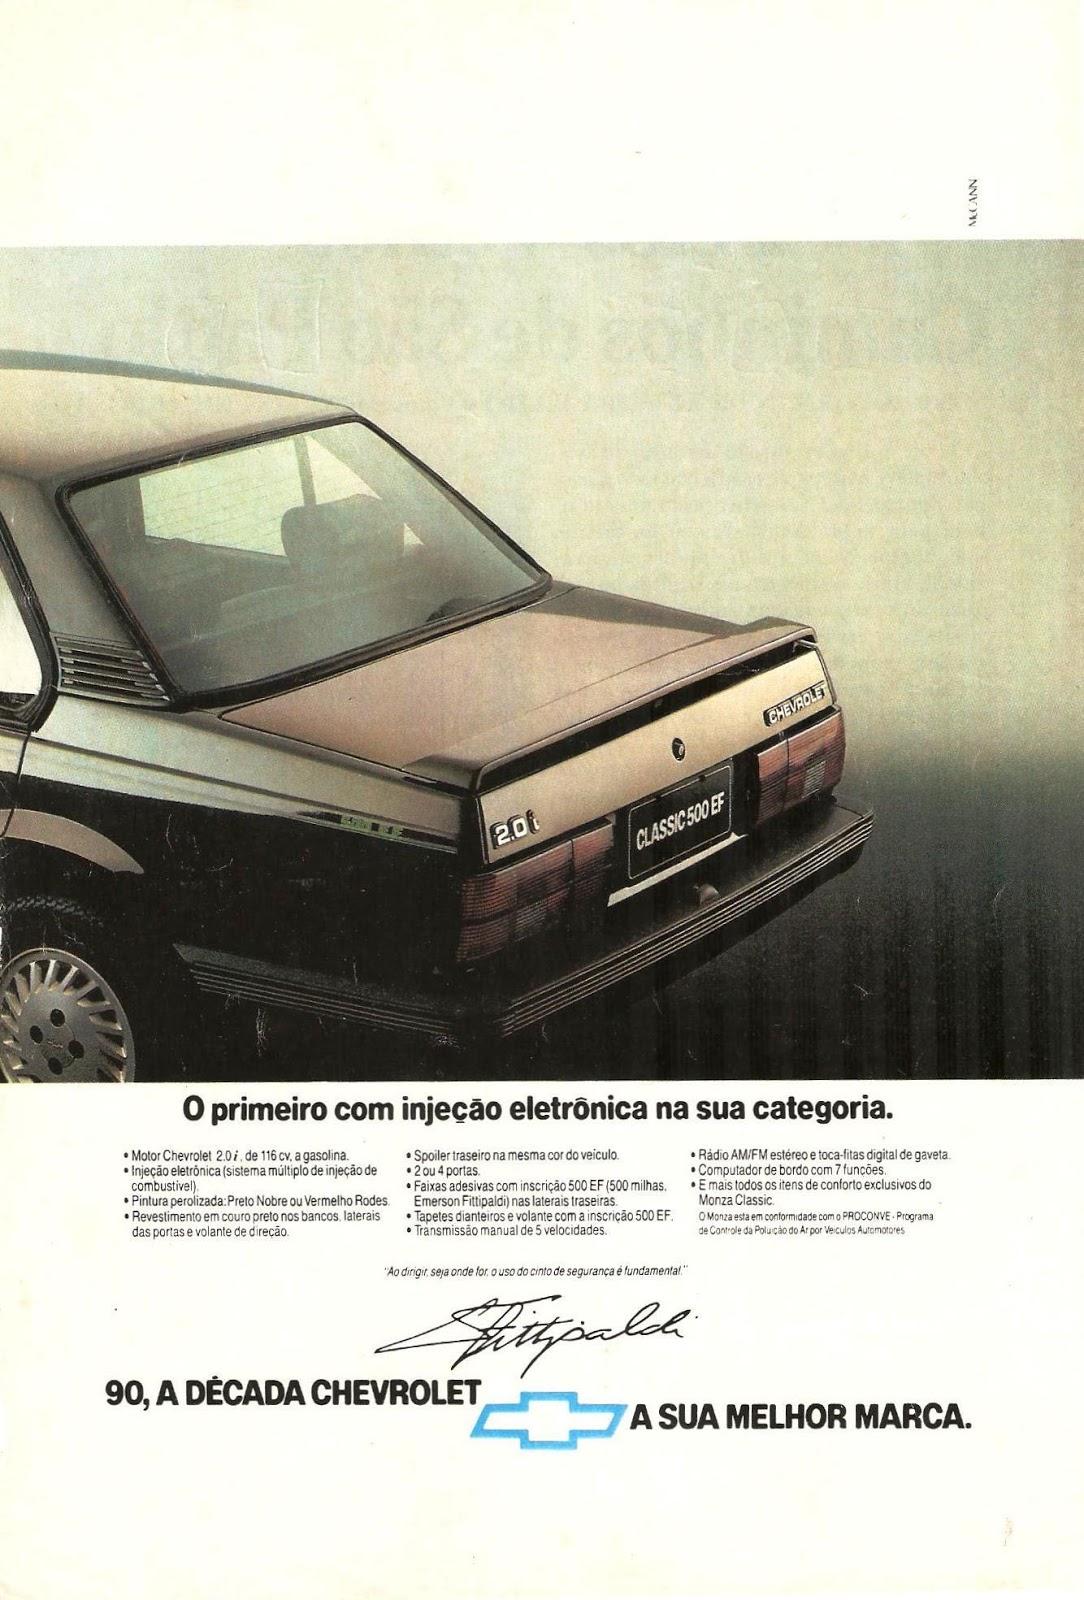 Campanha da Chevrolet apresentando a linha Classic SE do Monza em 1990